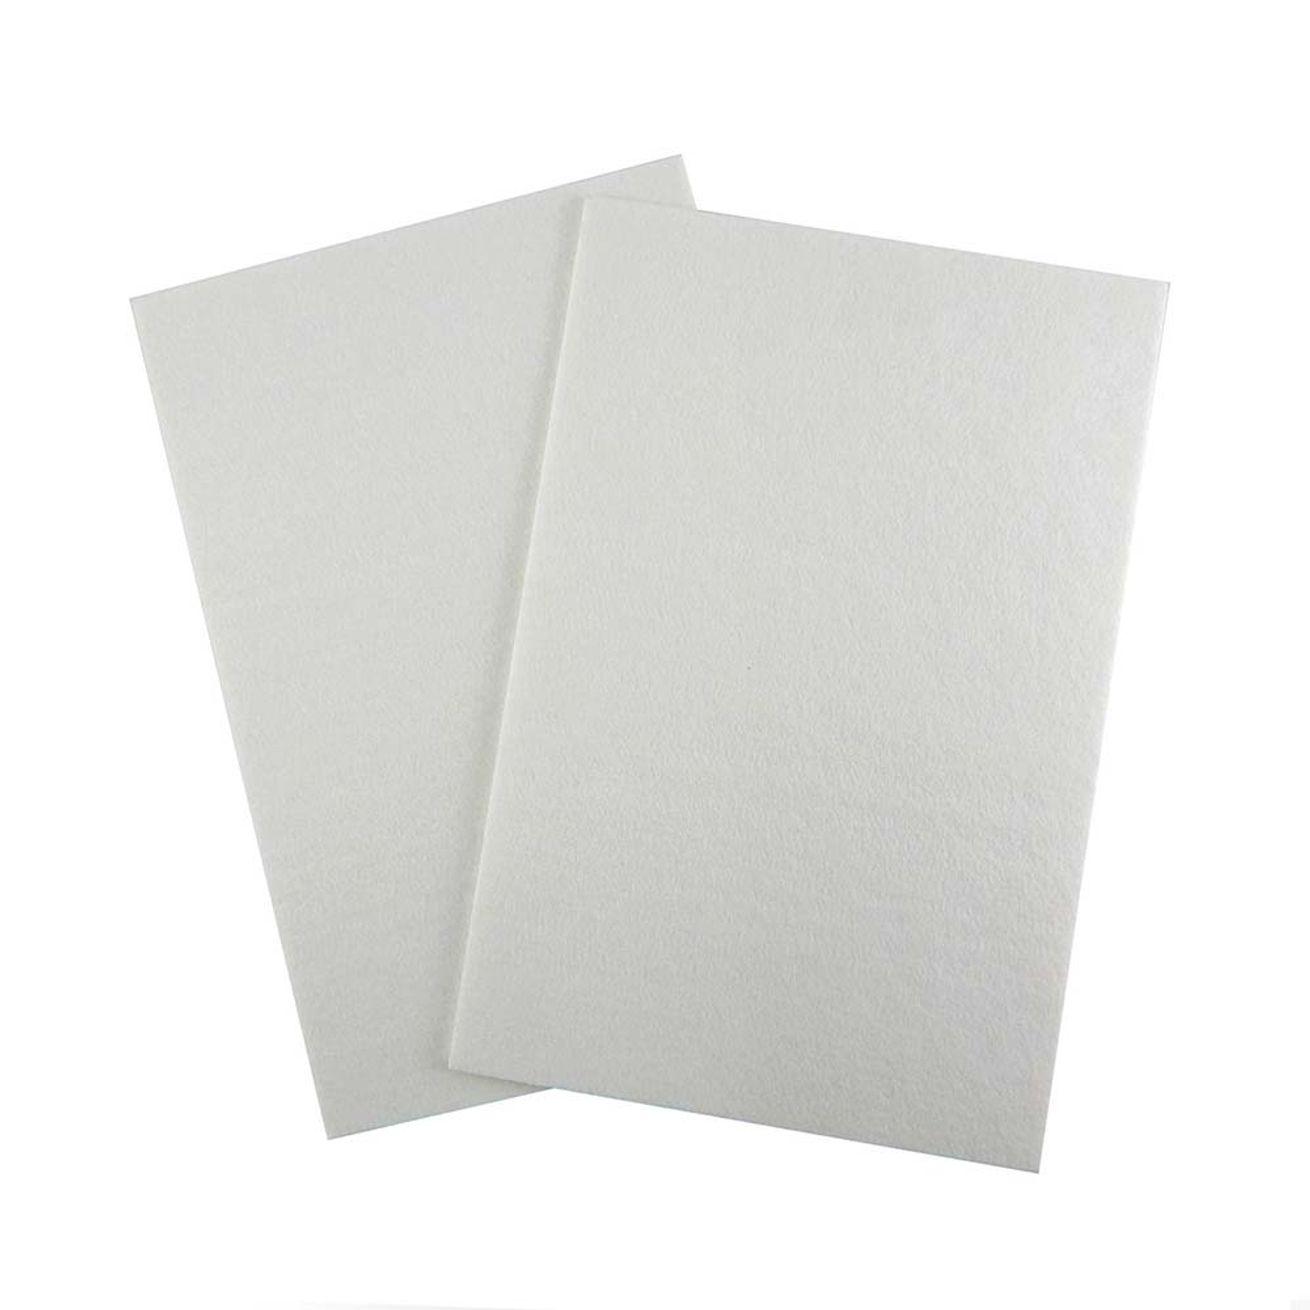 735f97542 Placa Pet Adesiva para Sublimação 30x40cm - 1 Unidade - socd-mob